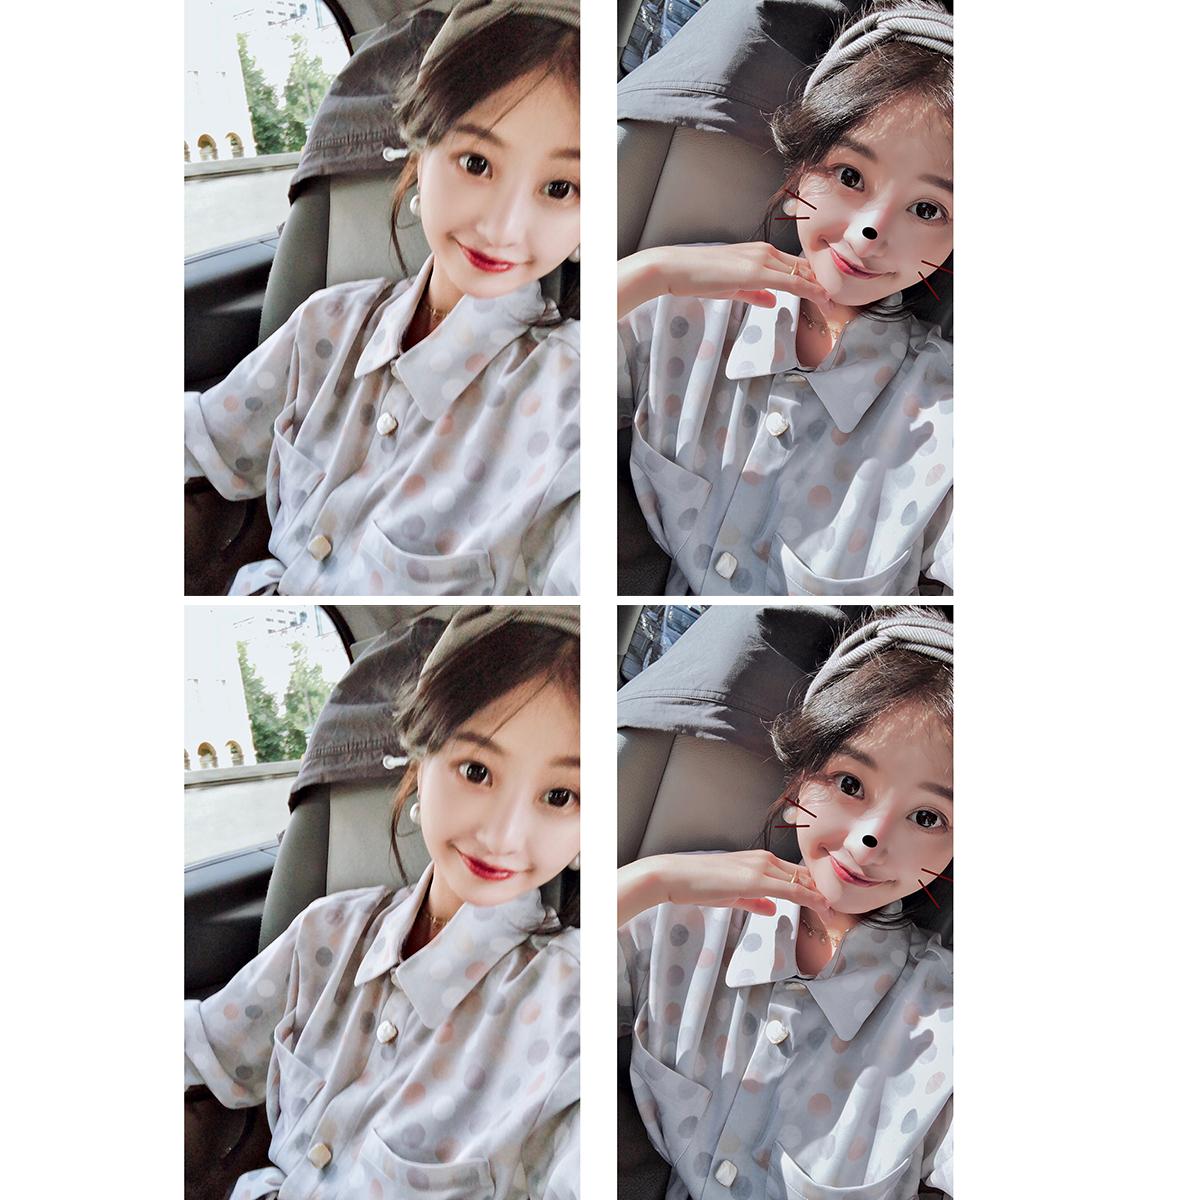 Daxi домашняя осенняя одежда женская 2018 новая коллекция корейская версия Ранняя осень длинный рукав сорочка платье осень длинный фасон Тонкая юбка